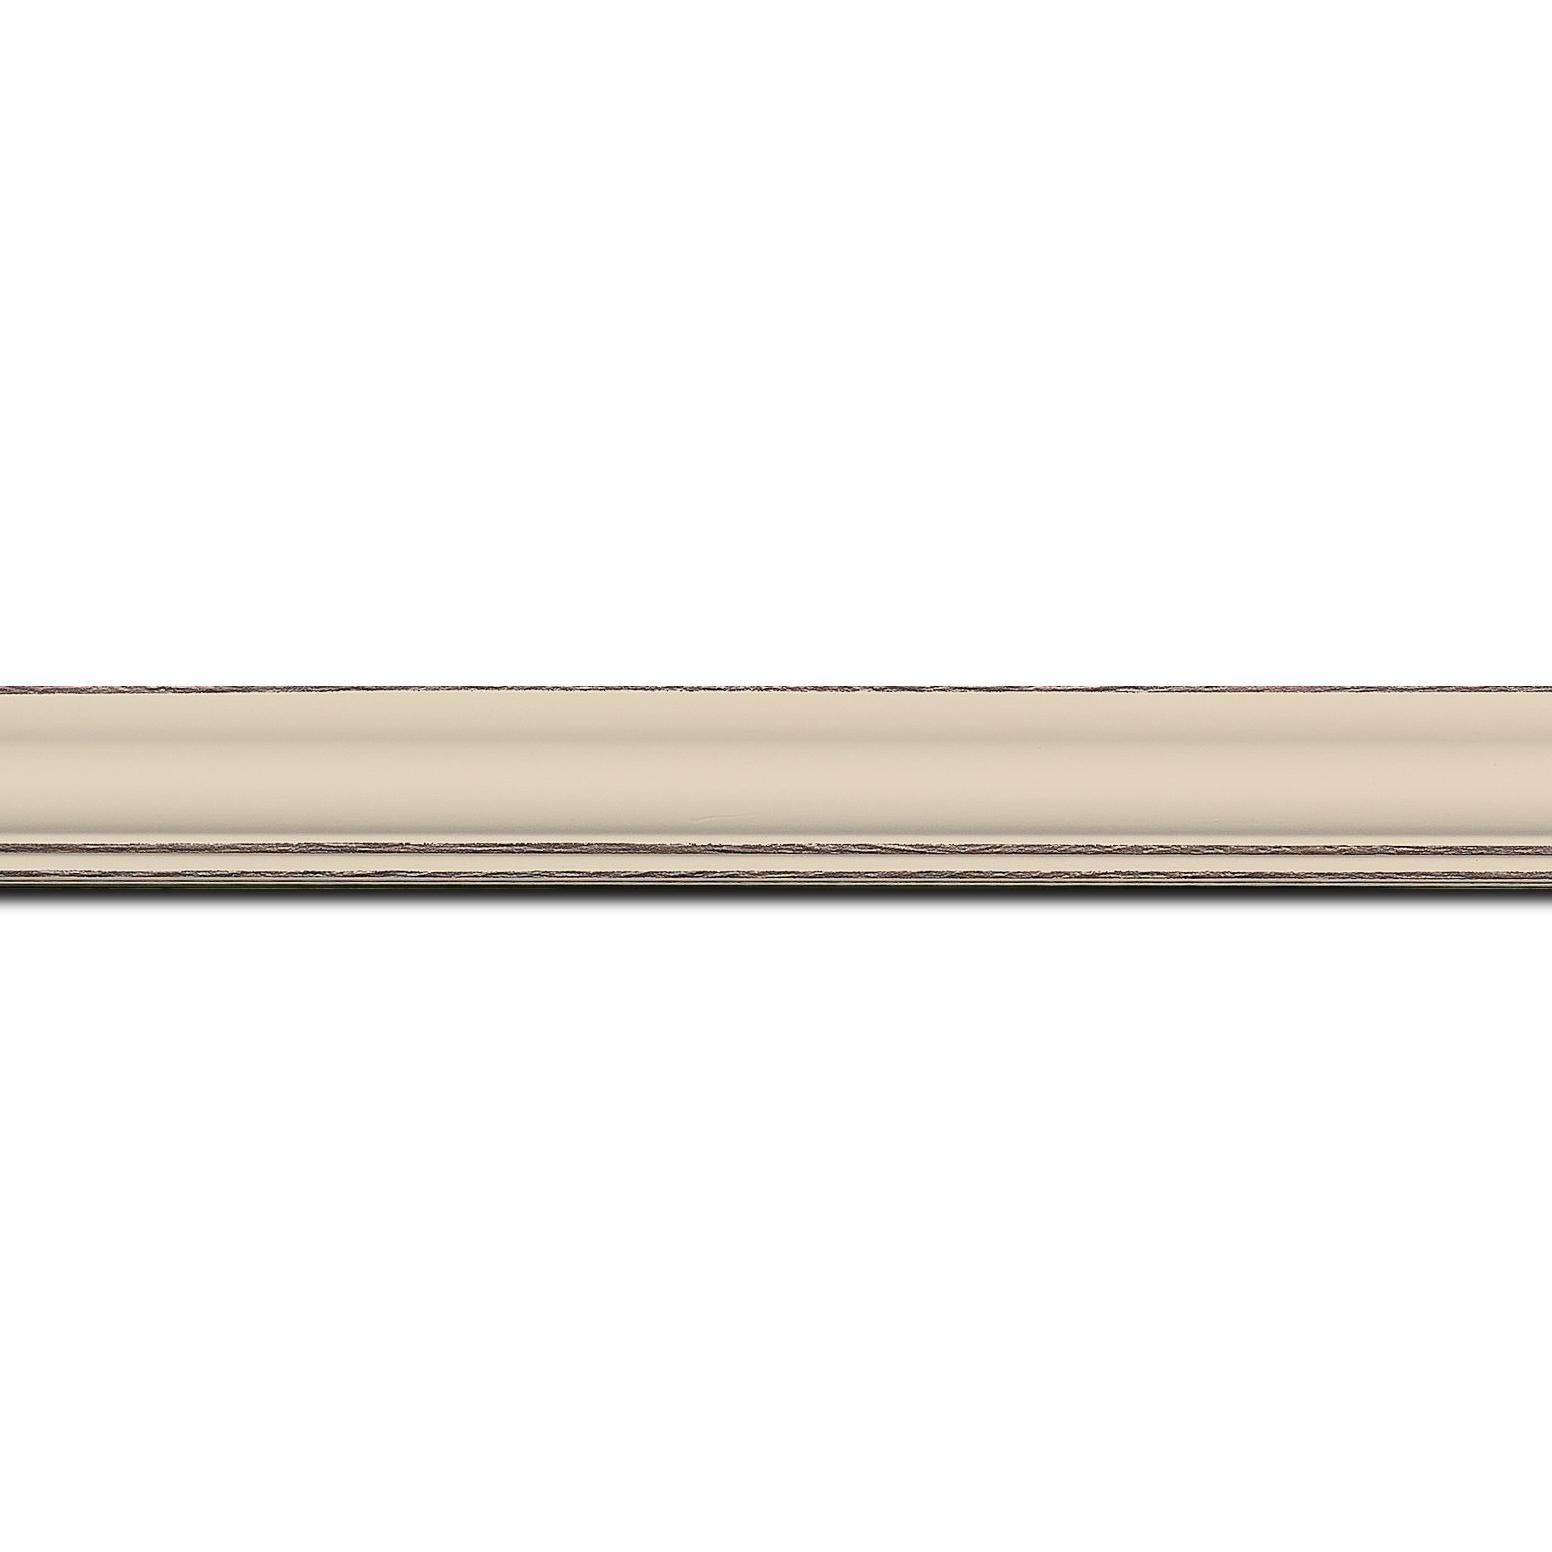 Pack par 12m, bois profil doucine inversée largeur 2.3cm crème satiné bord ressuyé(longueur baguette pouvant varier entre 2.40m et 3m selon arrivage des bois)